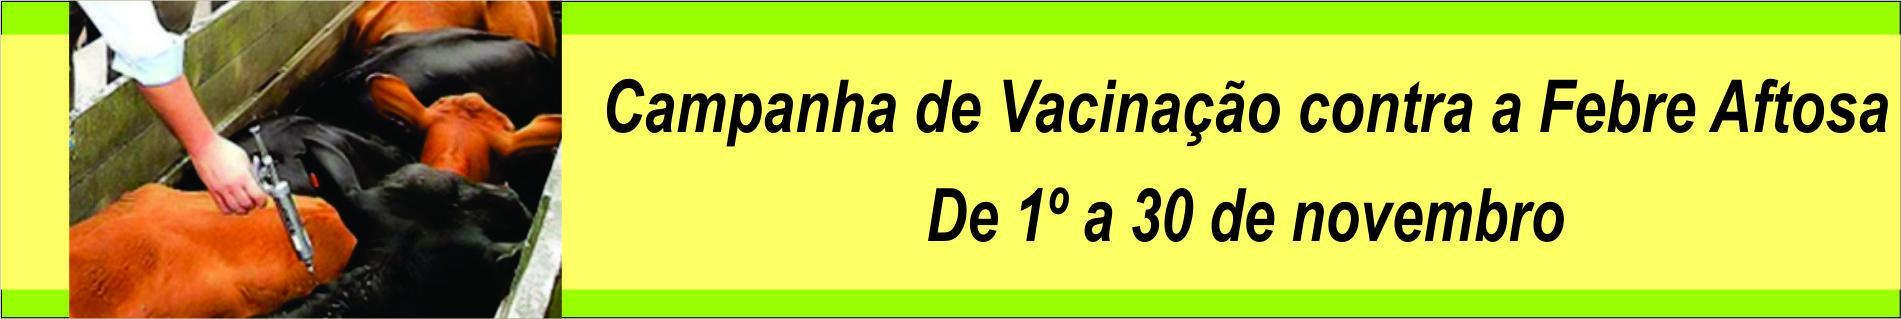 Vacinação nov 17